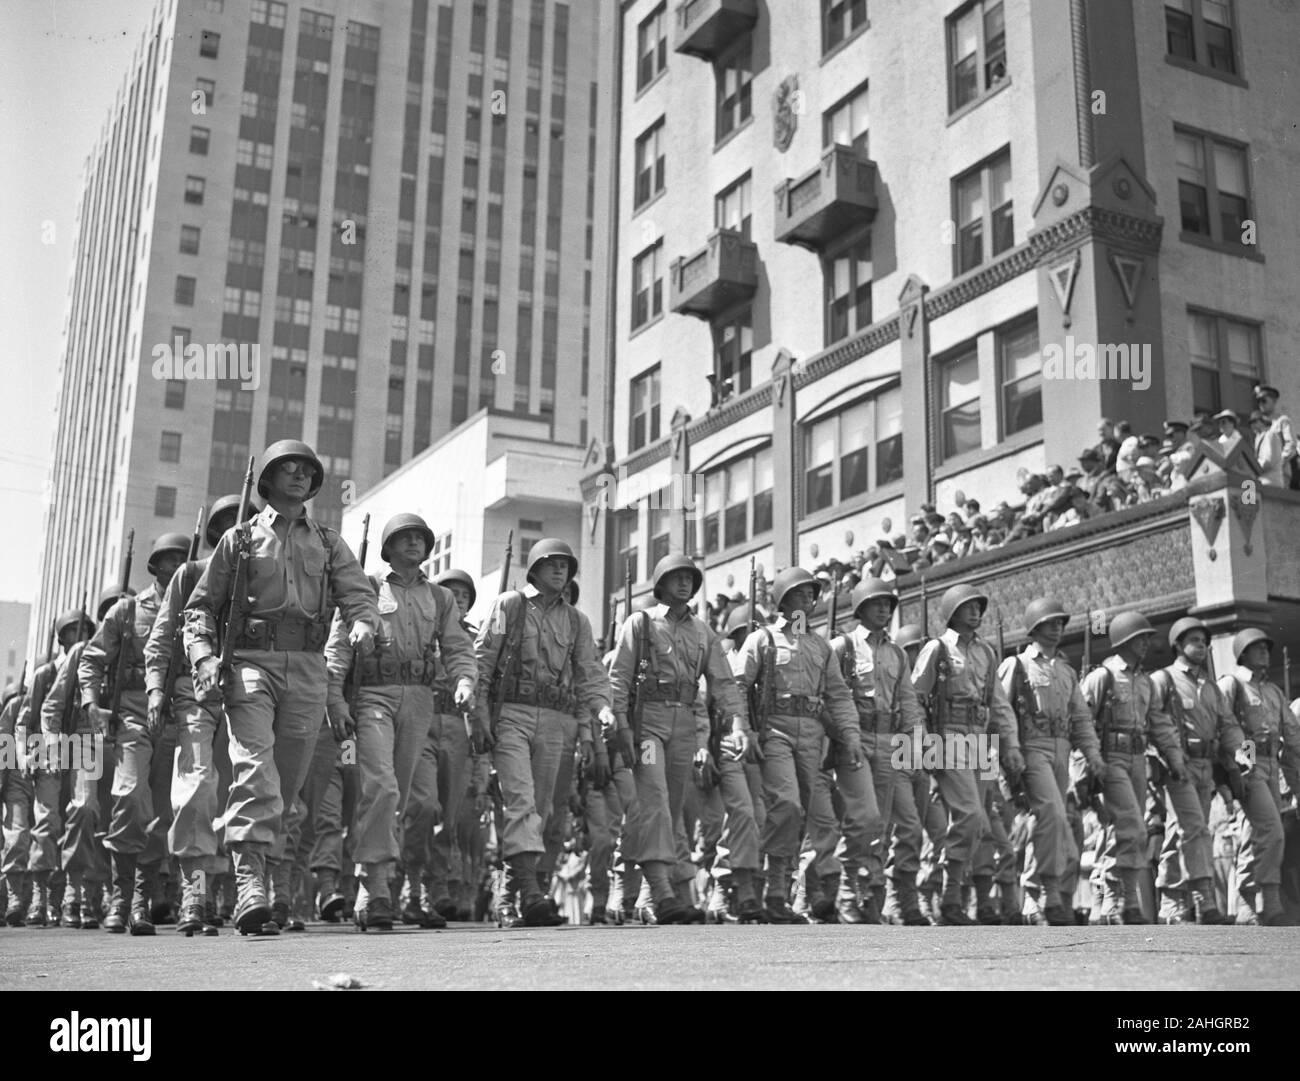 Les troupes américaines se préparent à partir de la Seconde Guerre mondiale, 1942 Miami. La date précise est inconnue, mais probablement fin mars 1942. Banque D'Images